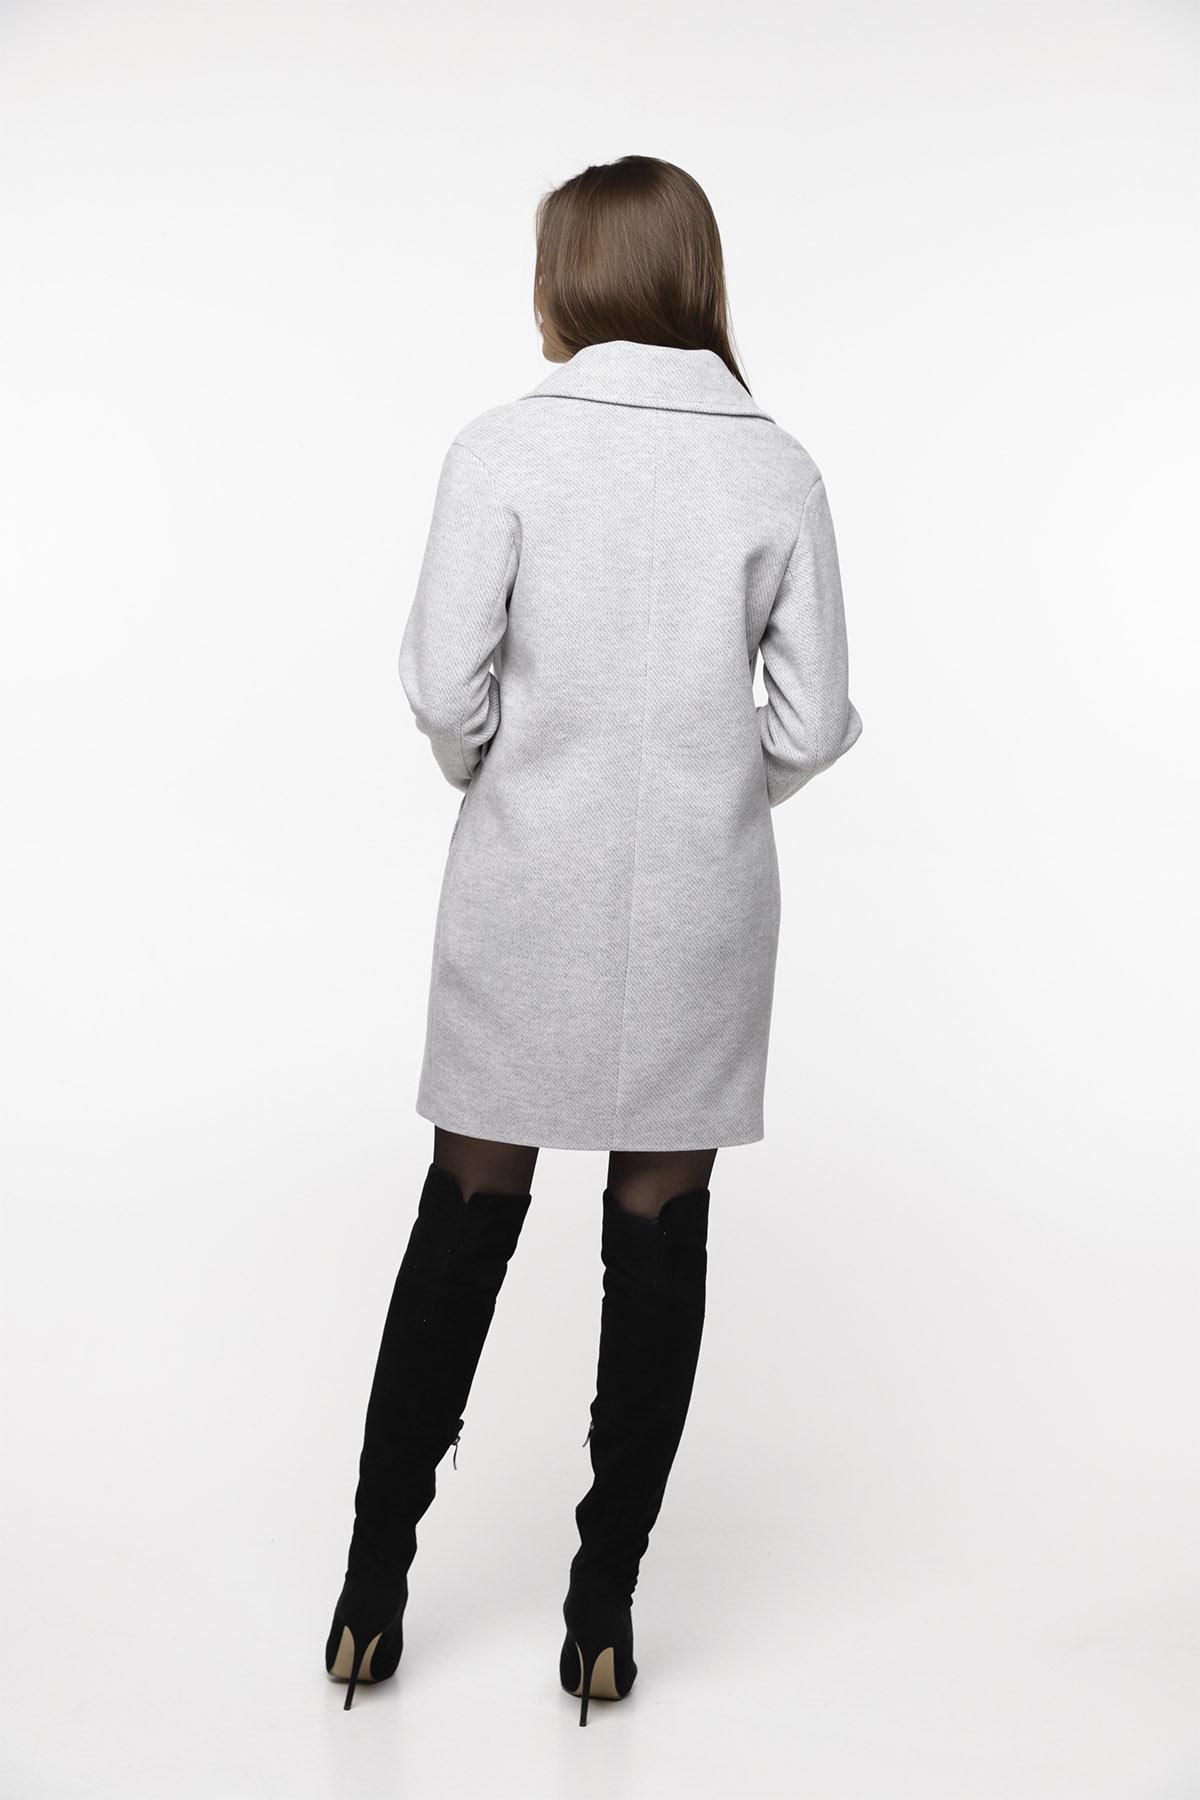 Кашемировое пальто Вейсона 8803 АРТ. 45140 Цвет: Светло серый - фото 4, интернет магазин tm-modus.ru